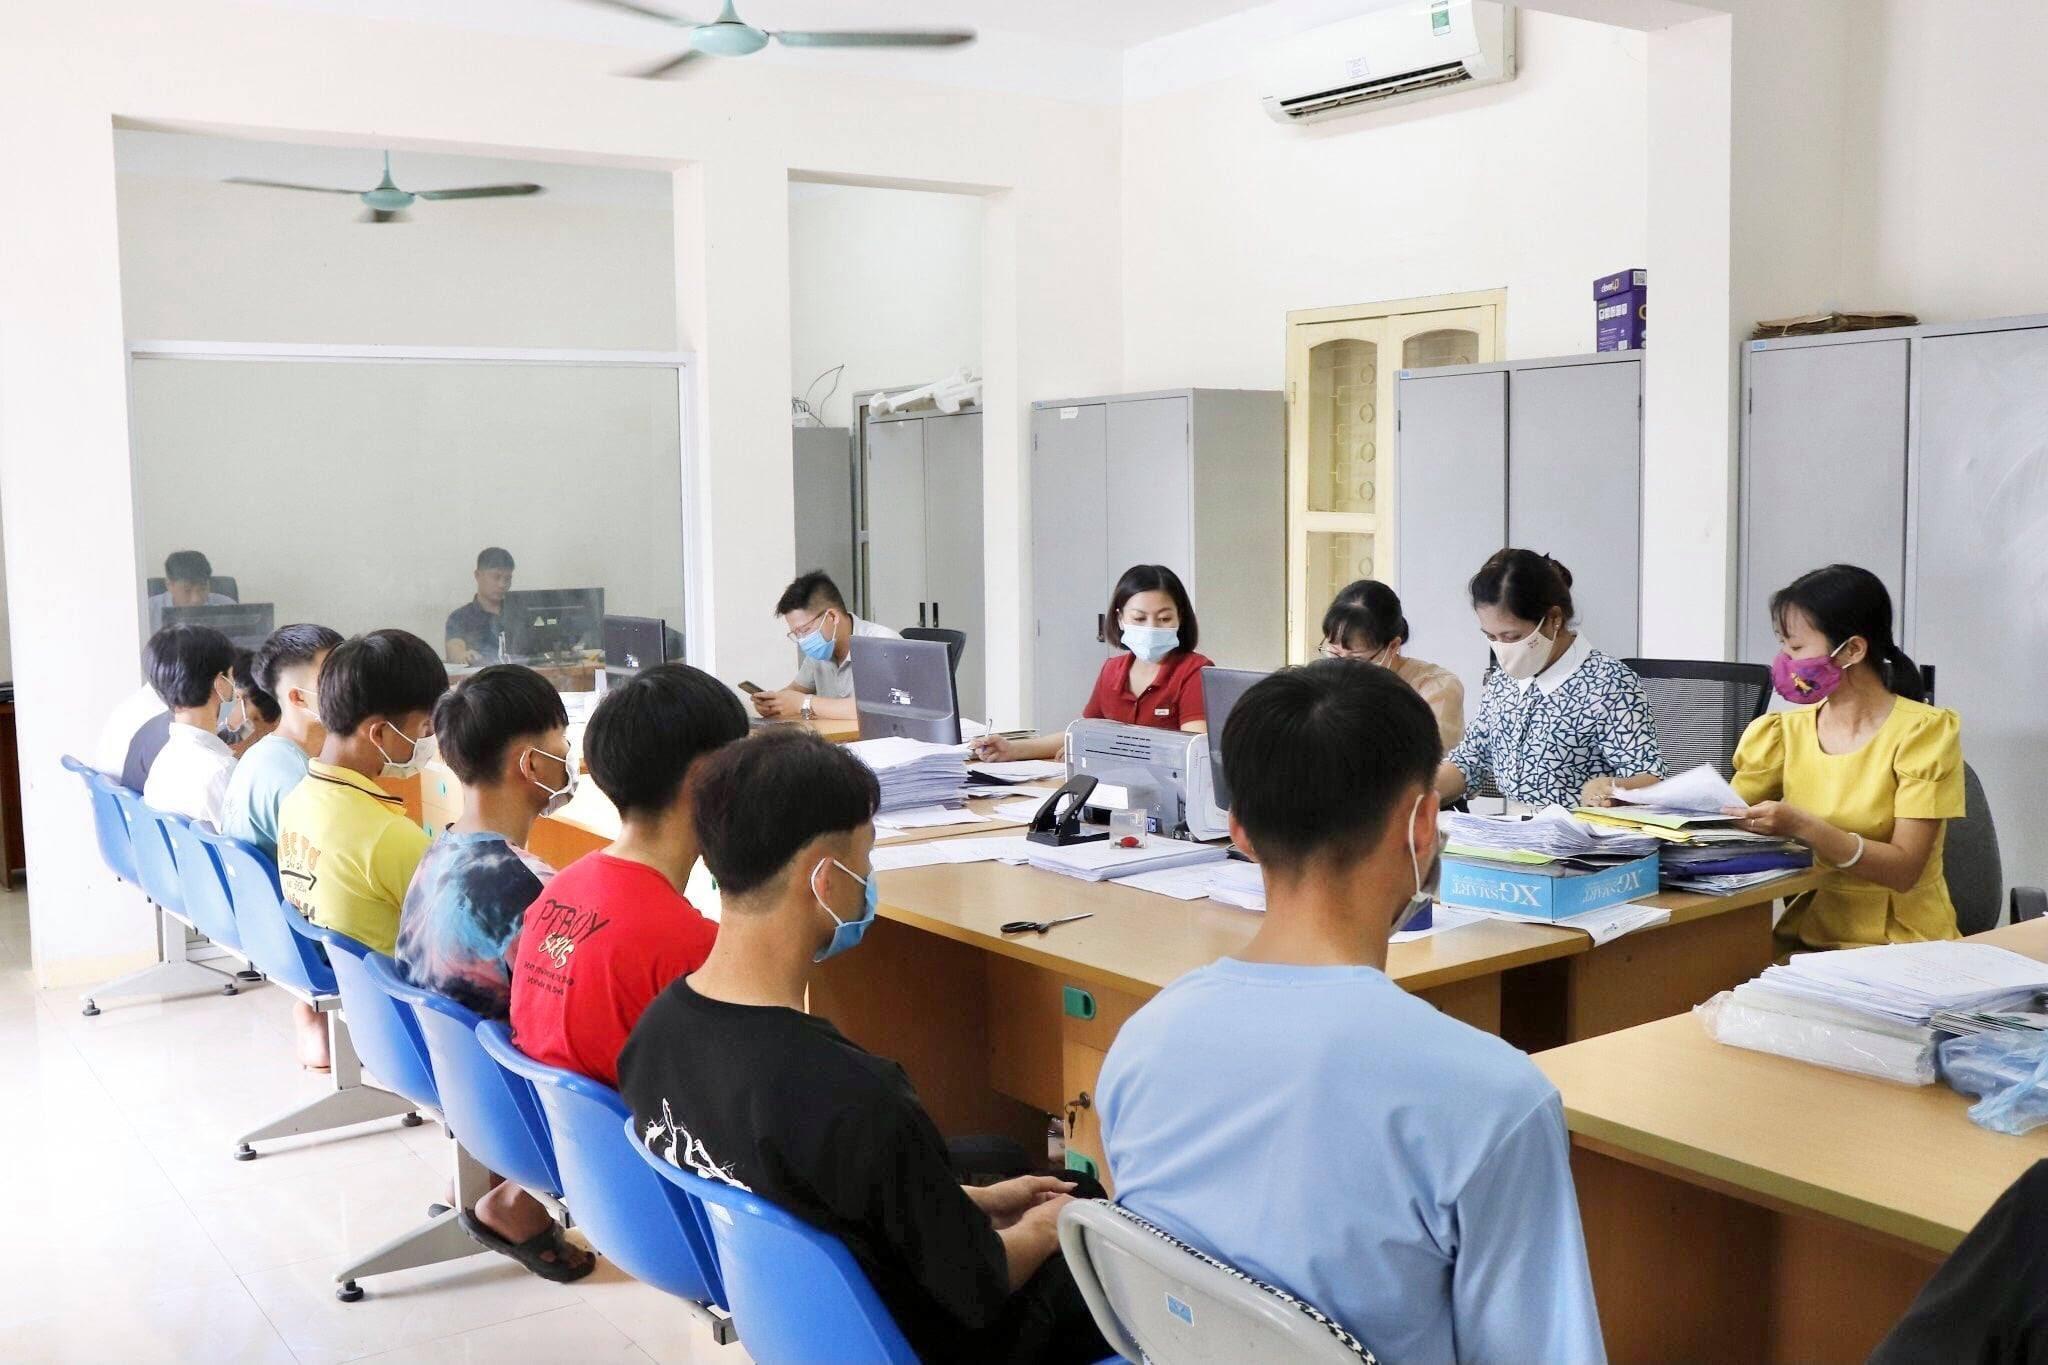 C:\Users\Administrator\Desktop\Doc's Ha\Phieu thu thap thong tin\DL\219381398_1251860108579362_2856468893462188889_n.jpg